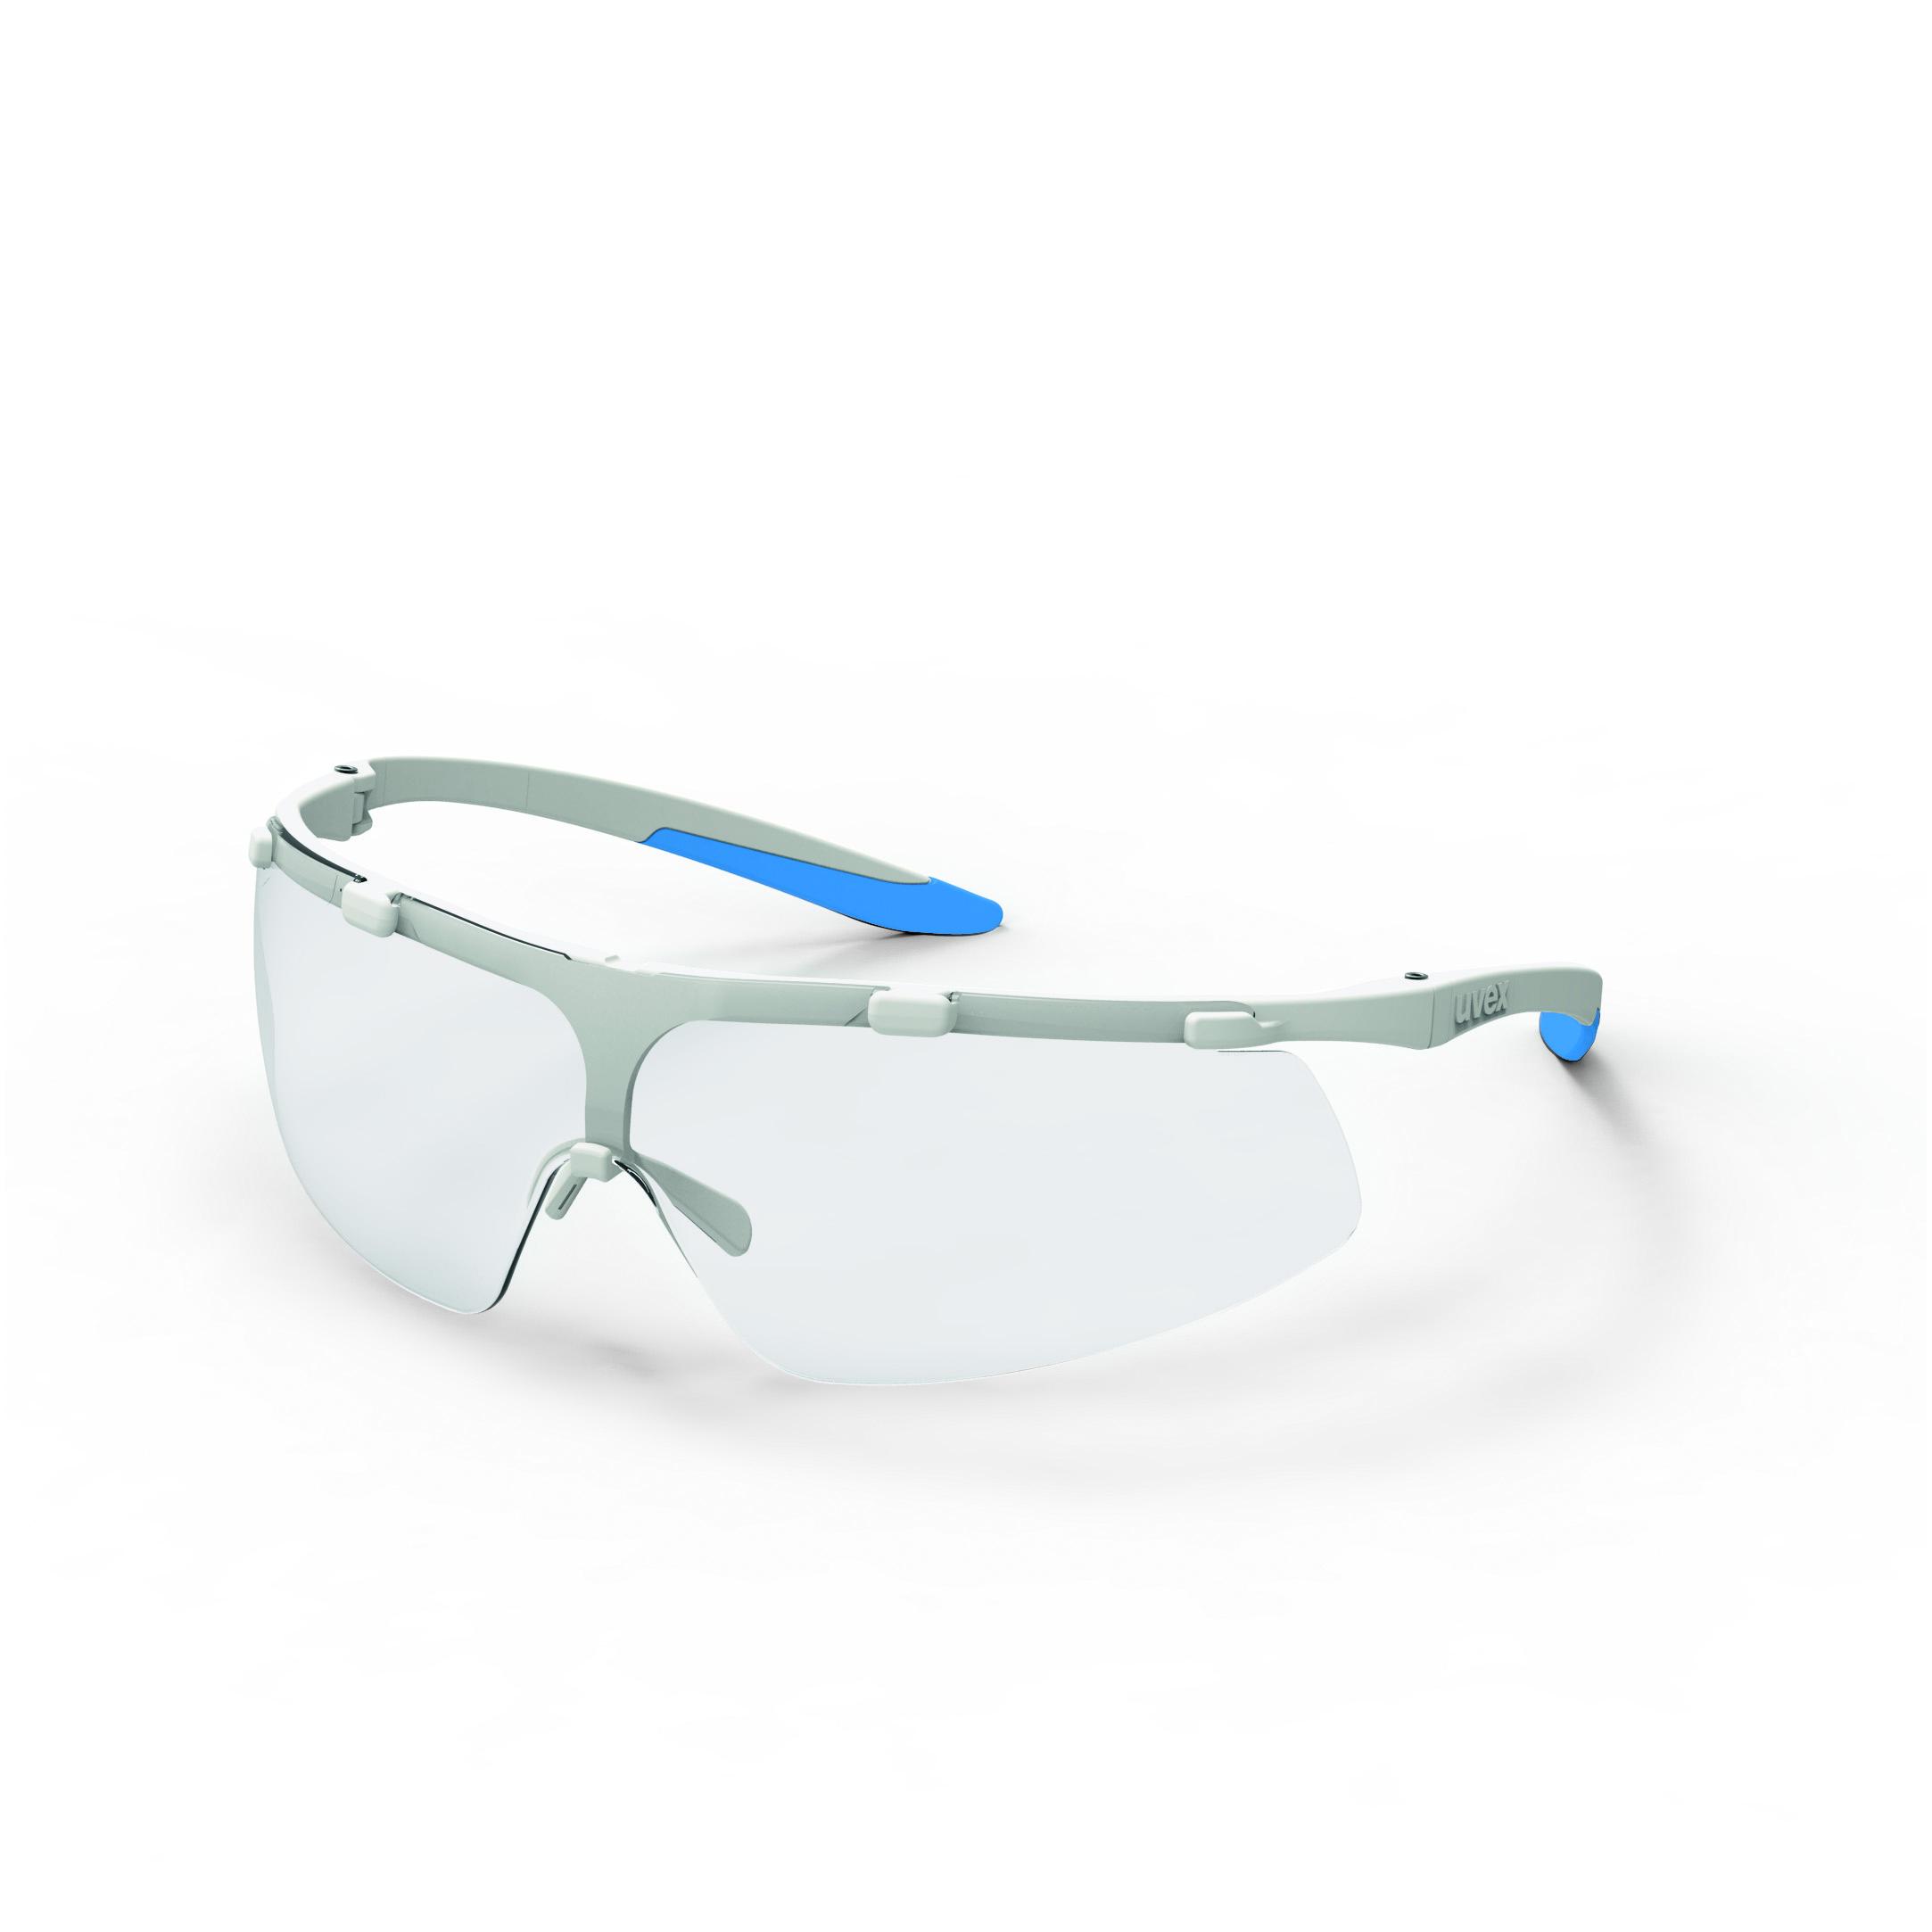 uvex CR - Schutzbrillen